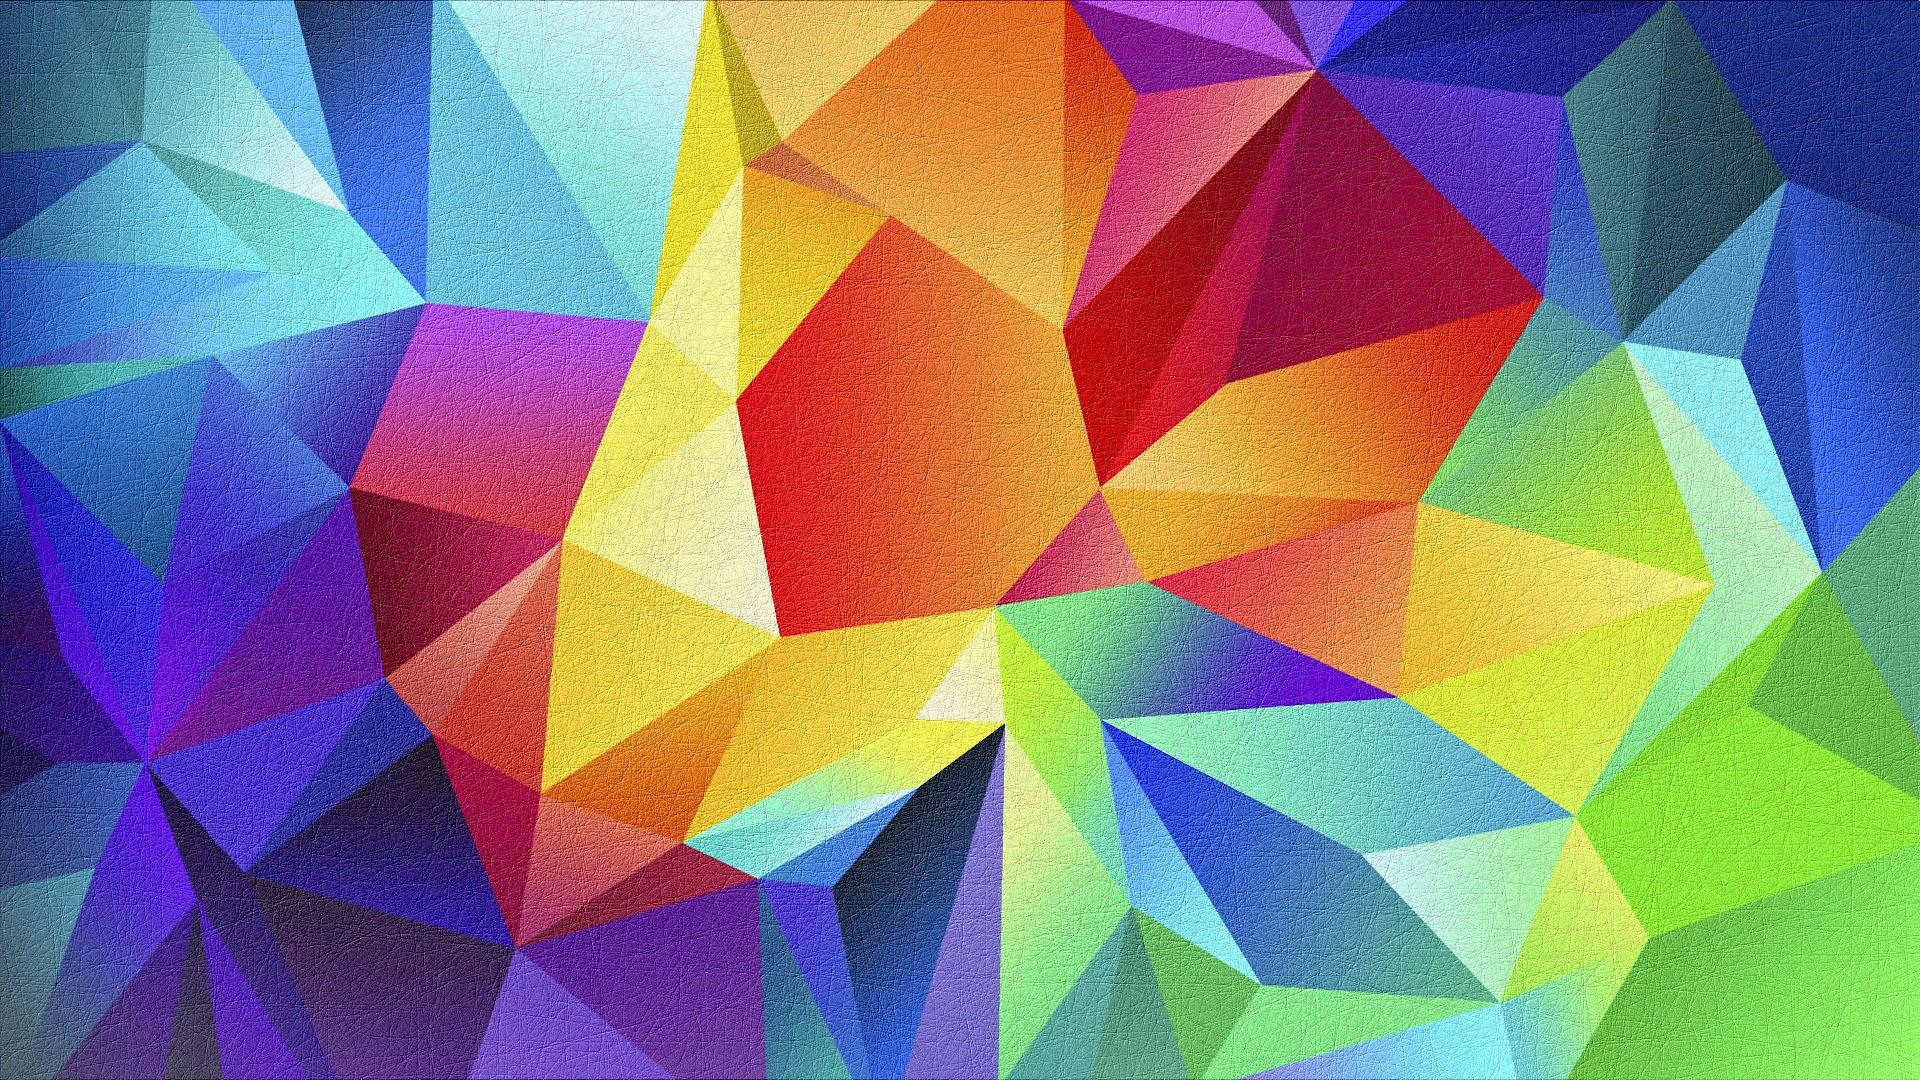 Iphone wallpaper chinese - Geometric Shapes Wallpaper Wallpapersafari